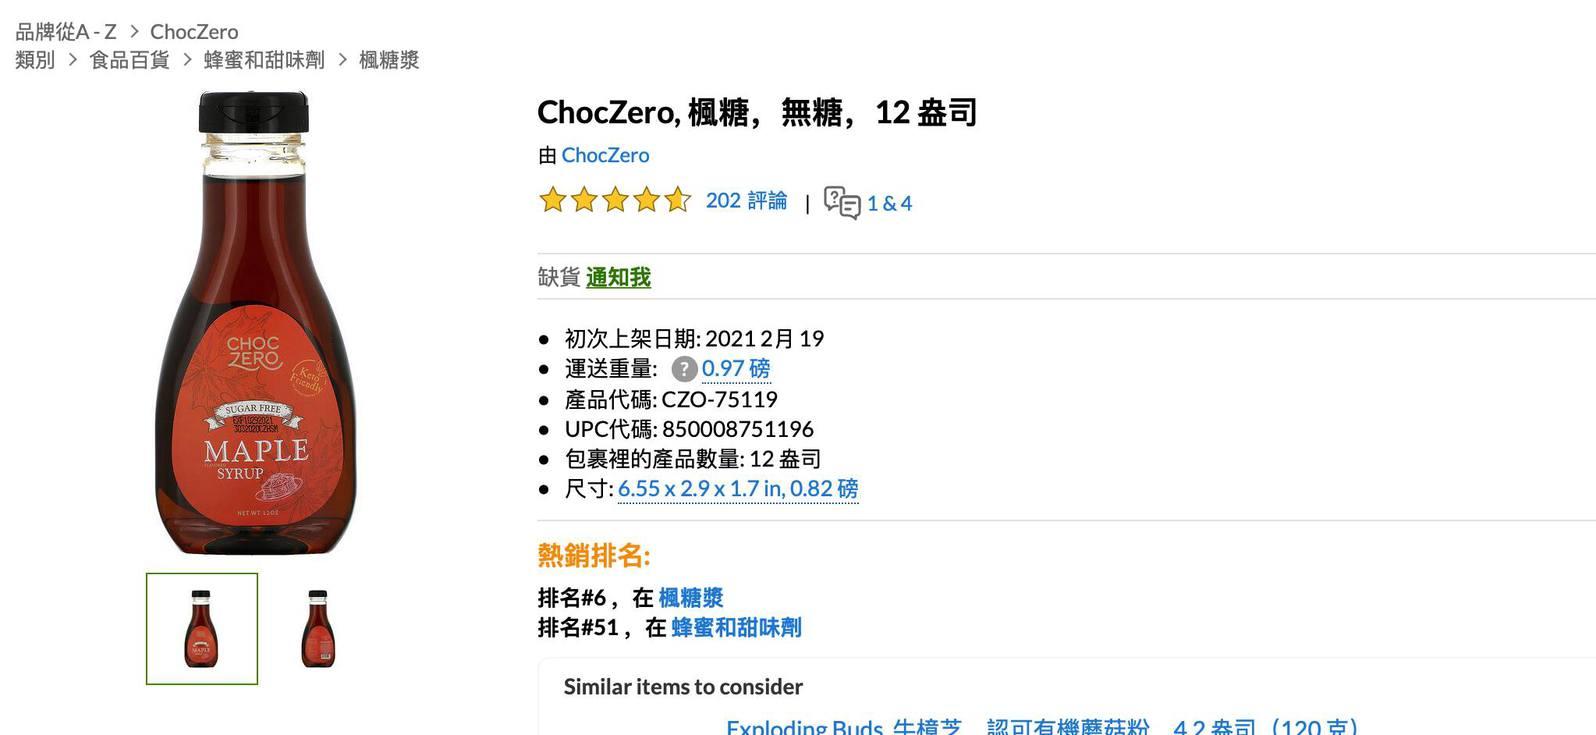 iHerb生酮必買零食 ChocZero楓糖漿